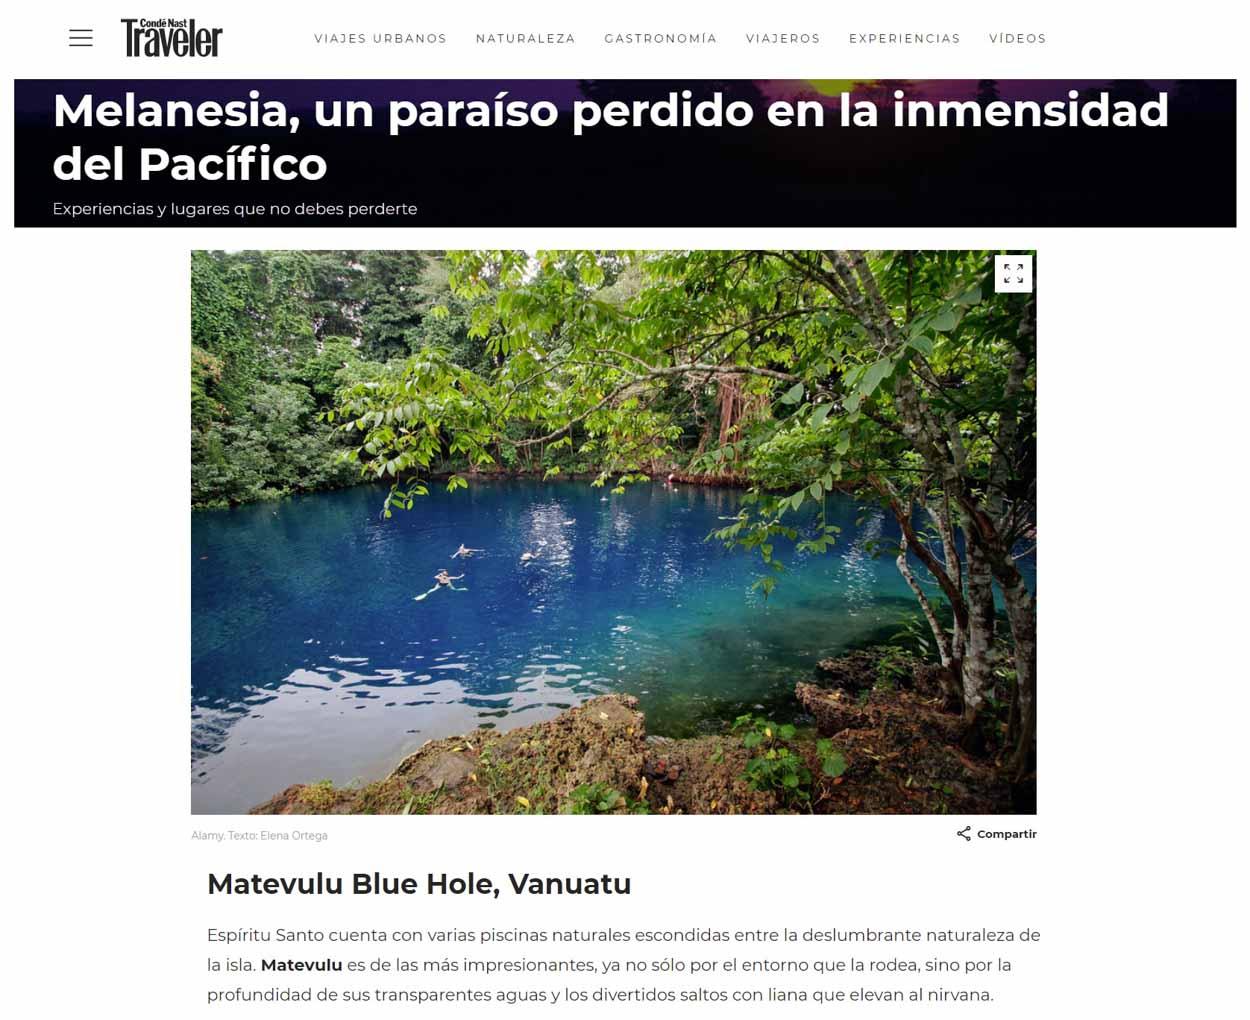 Publication de Vincent Prévost, piscine naturelle dans la jungle, îles Vanuatu